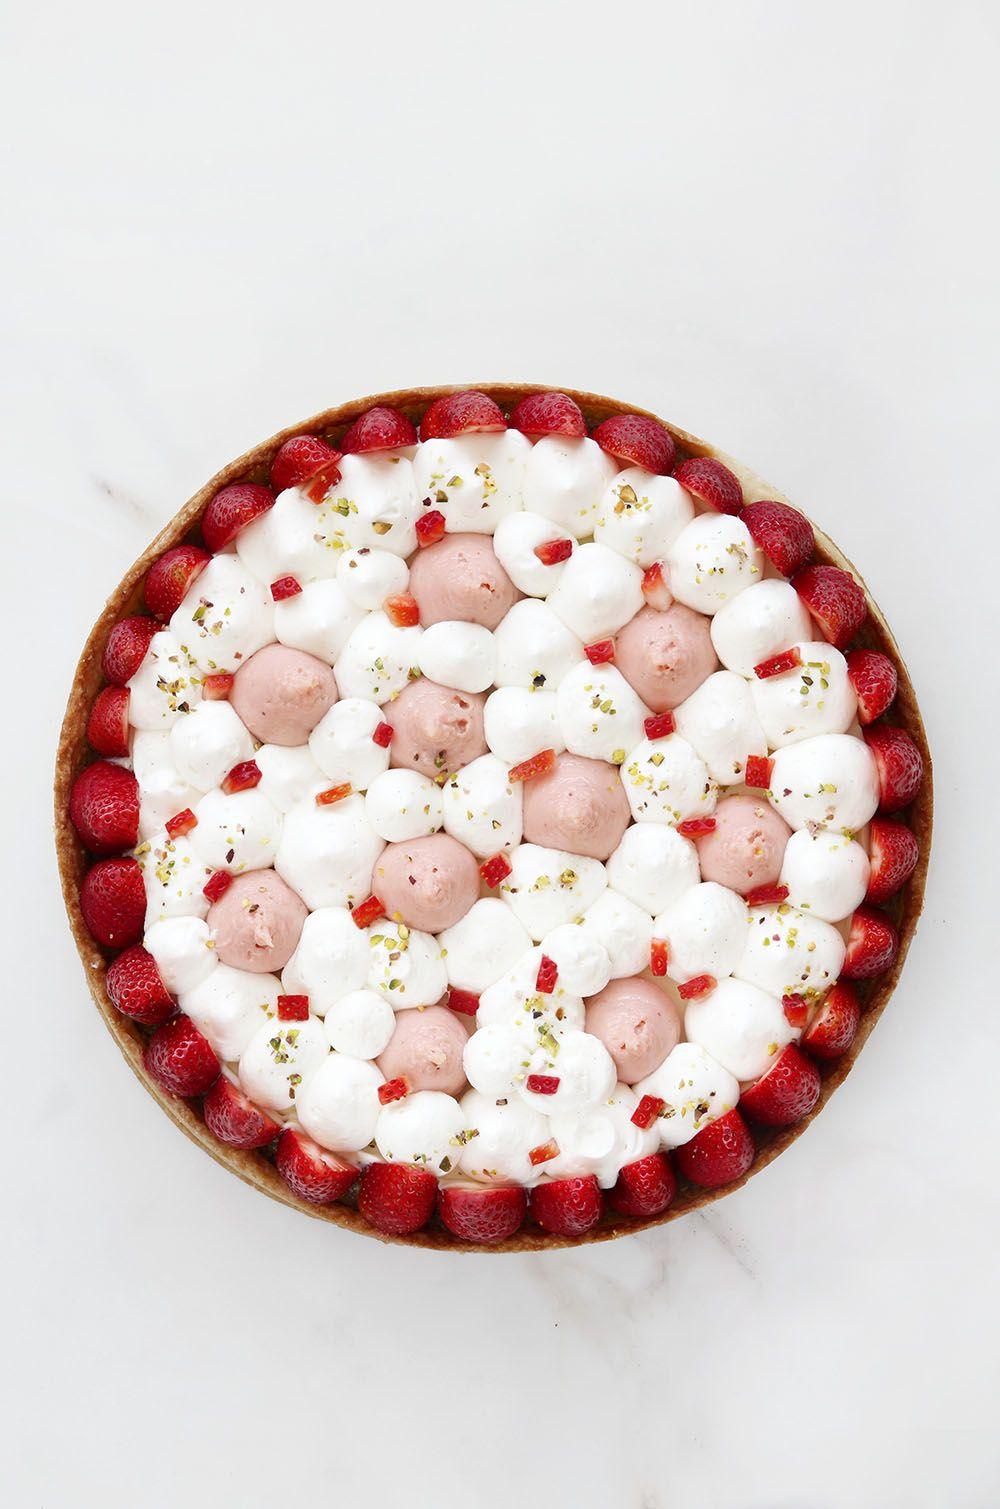 פאי תותים ושוקולד לבן עם קרם פיסטוק